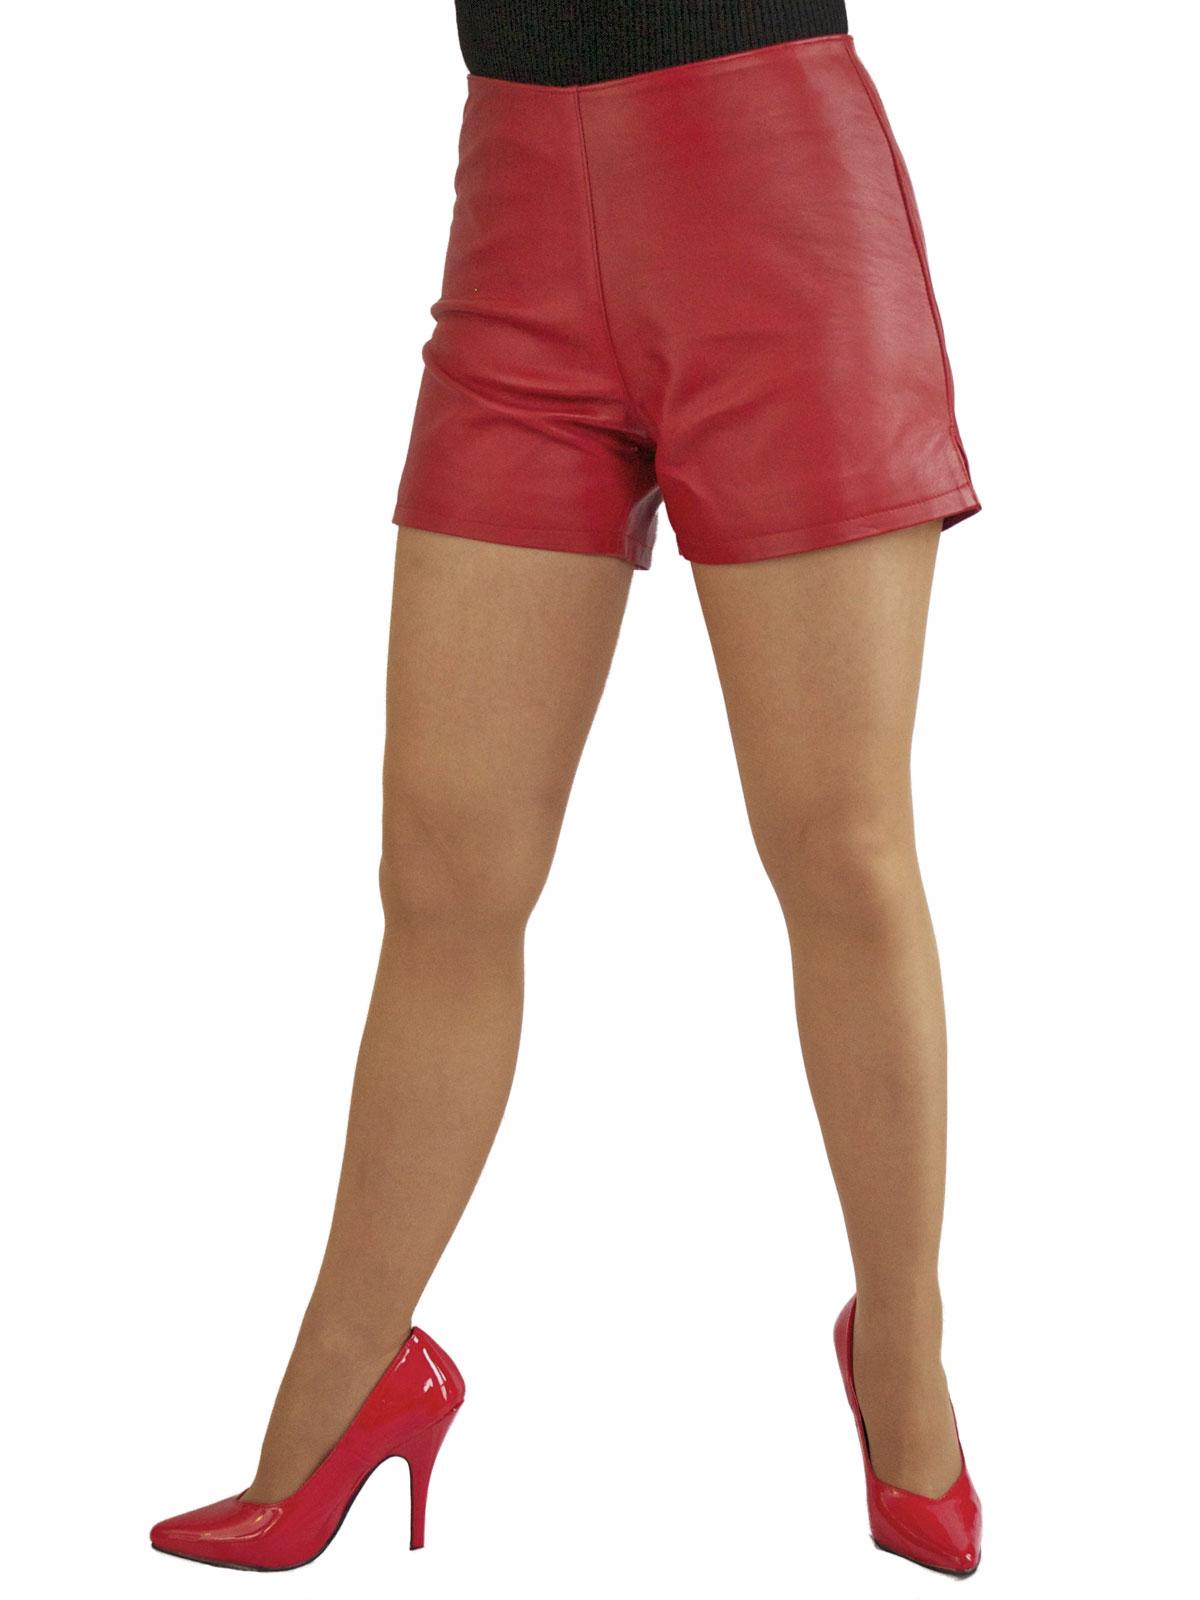 womens leather hot pants shorts 3 colours tout ensemble. Black Bedroom Furniture Sets. Home Design Ideas